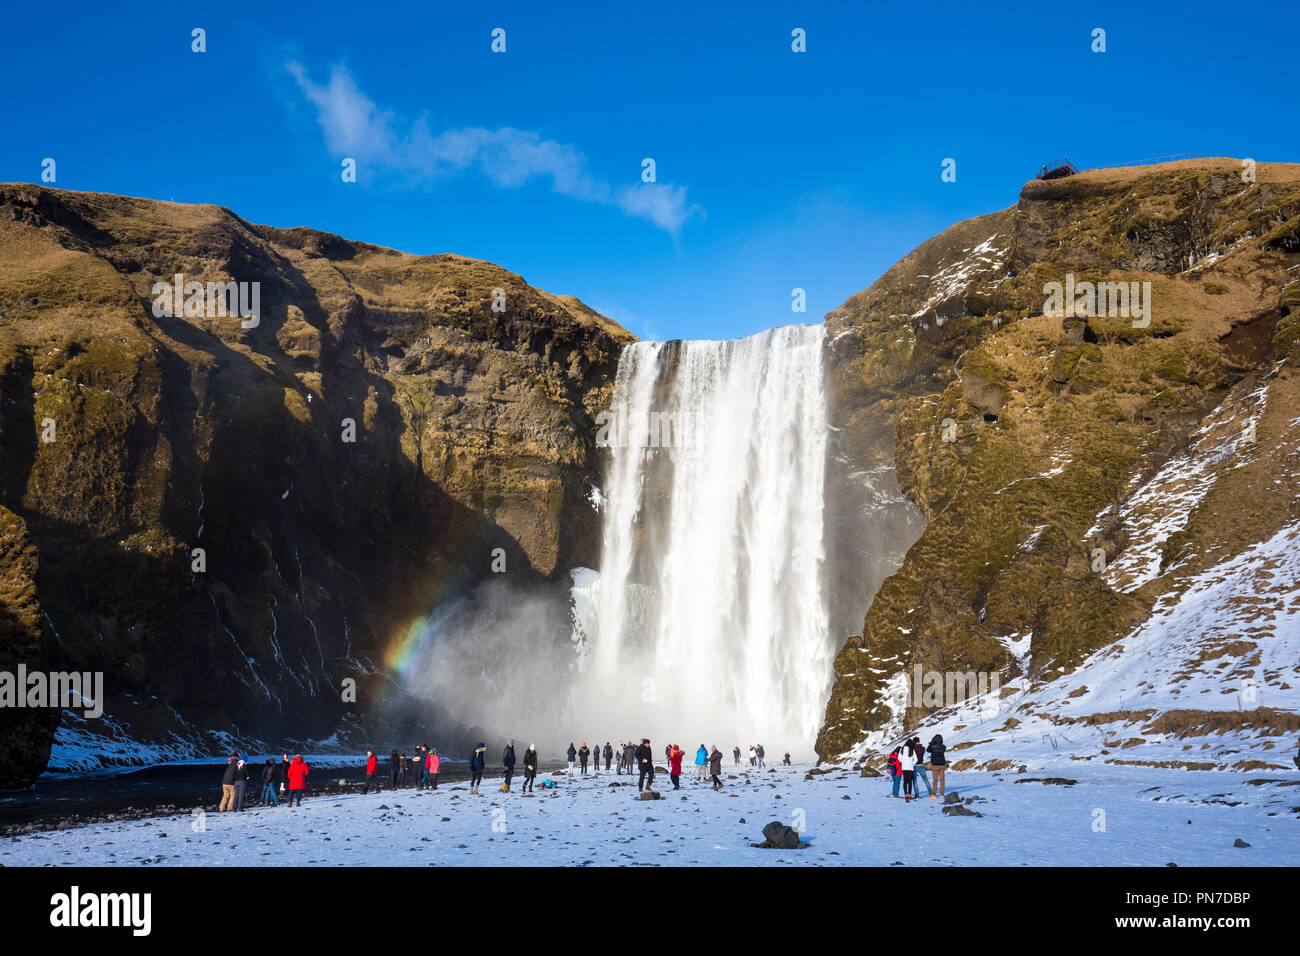 Touristen und Rainbow an spektakulären Skogar Wasserfall - skogar - im Süden Islands mit sprudelnden Gletscherschmelze Gewässern Stockbild